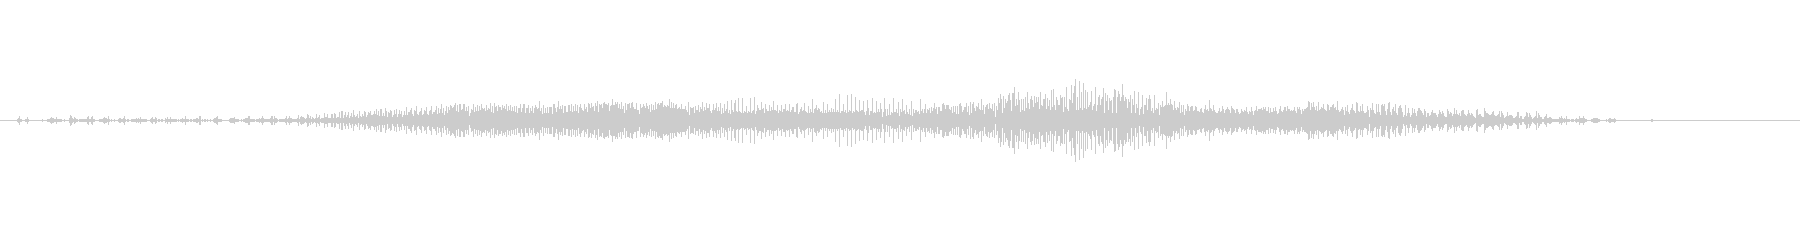 チャック_ファスナー_ジッパー開閉_08の未再生の波形